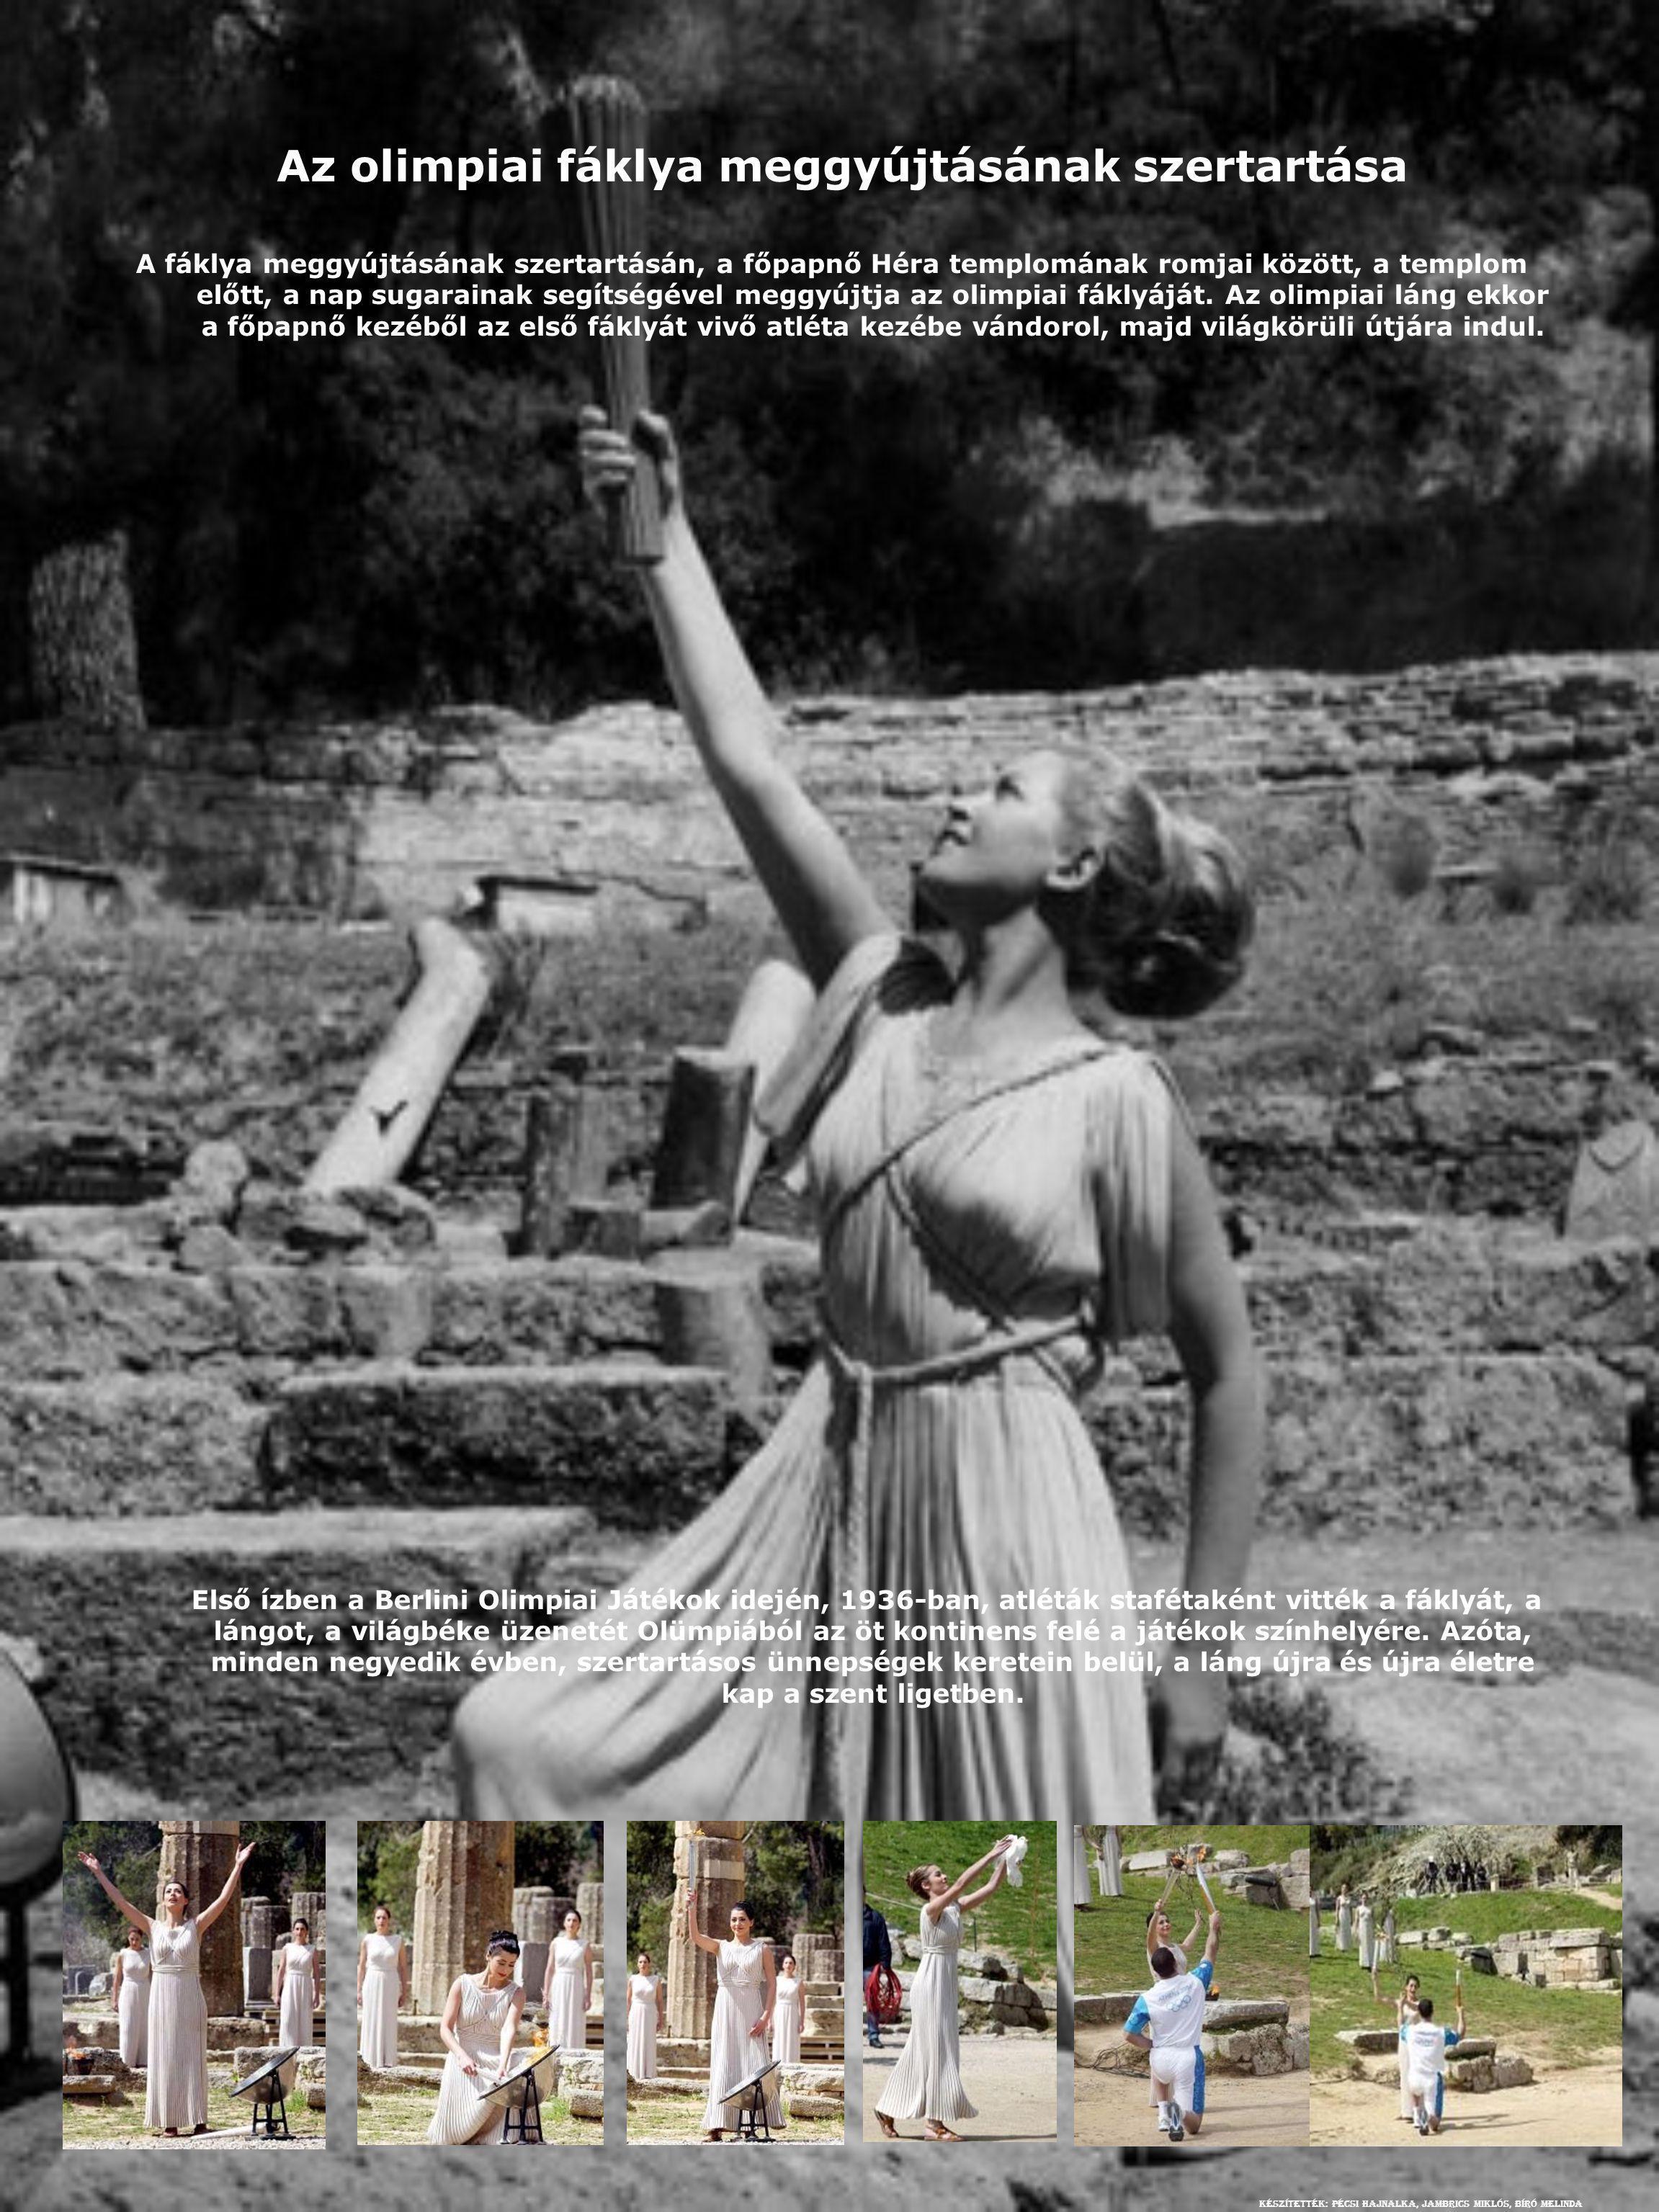 Az olimpiai fáklya meggyújtásának szertartása A fáklya meggyújtásának szertartásán, a főpapnő Héra templomának romjai között, a templom előtt, a nap s